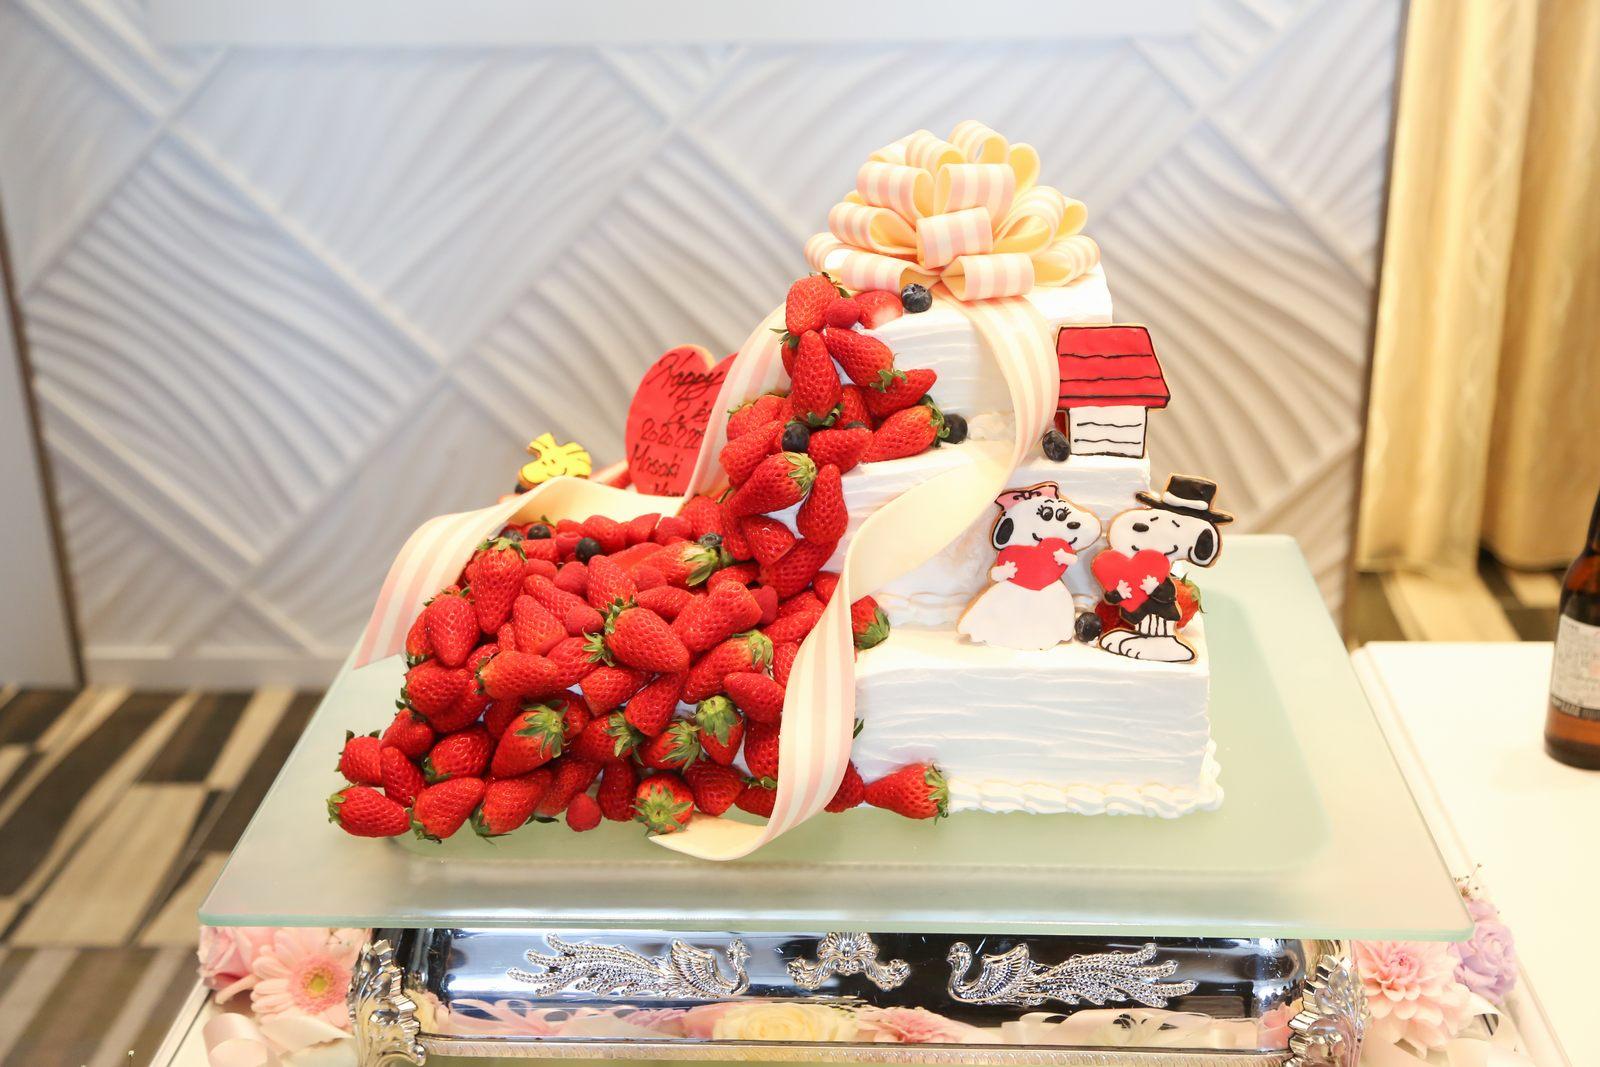 徳島市の結婚式場ブランアンジュで大好きなスヌーピーと苺が溢れそうなウエディングケーキ